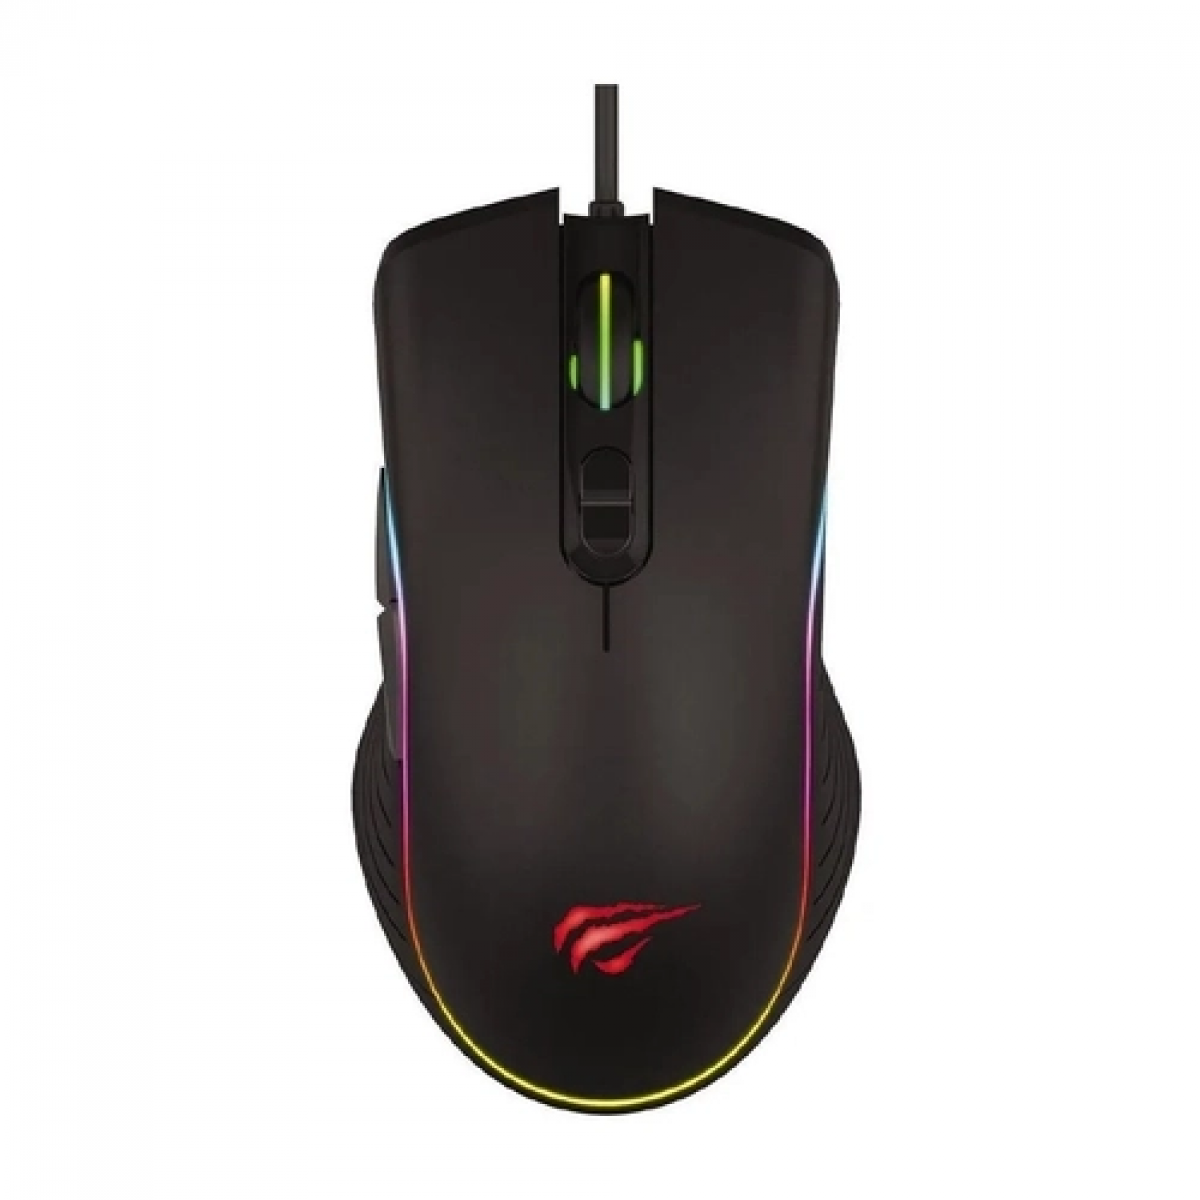 Mouse Gamer Havit MS1006, 3200 DPI, 7 Botões, RGB, Black, HV-MS1006